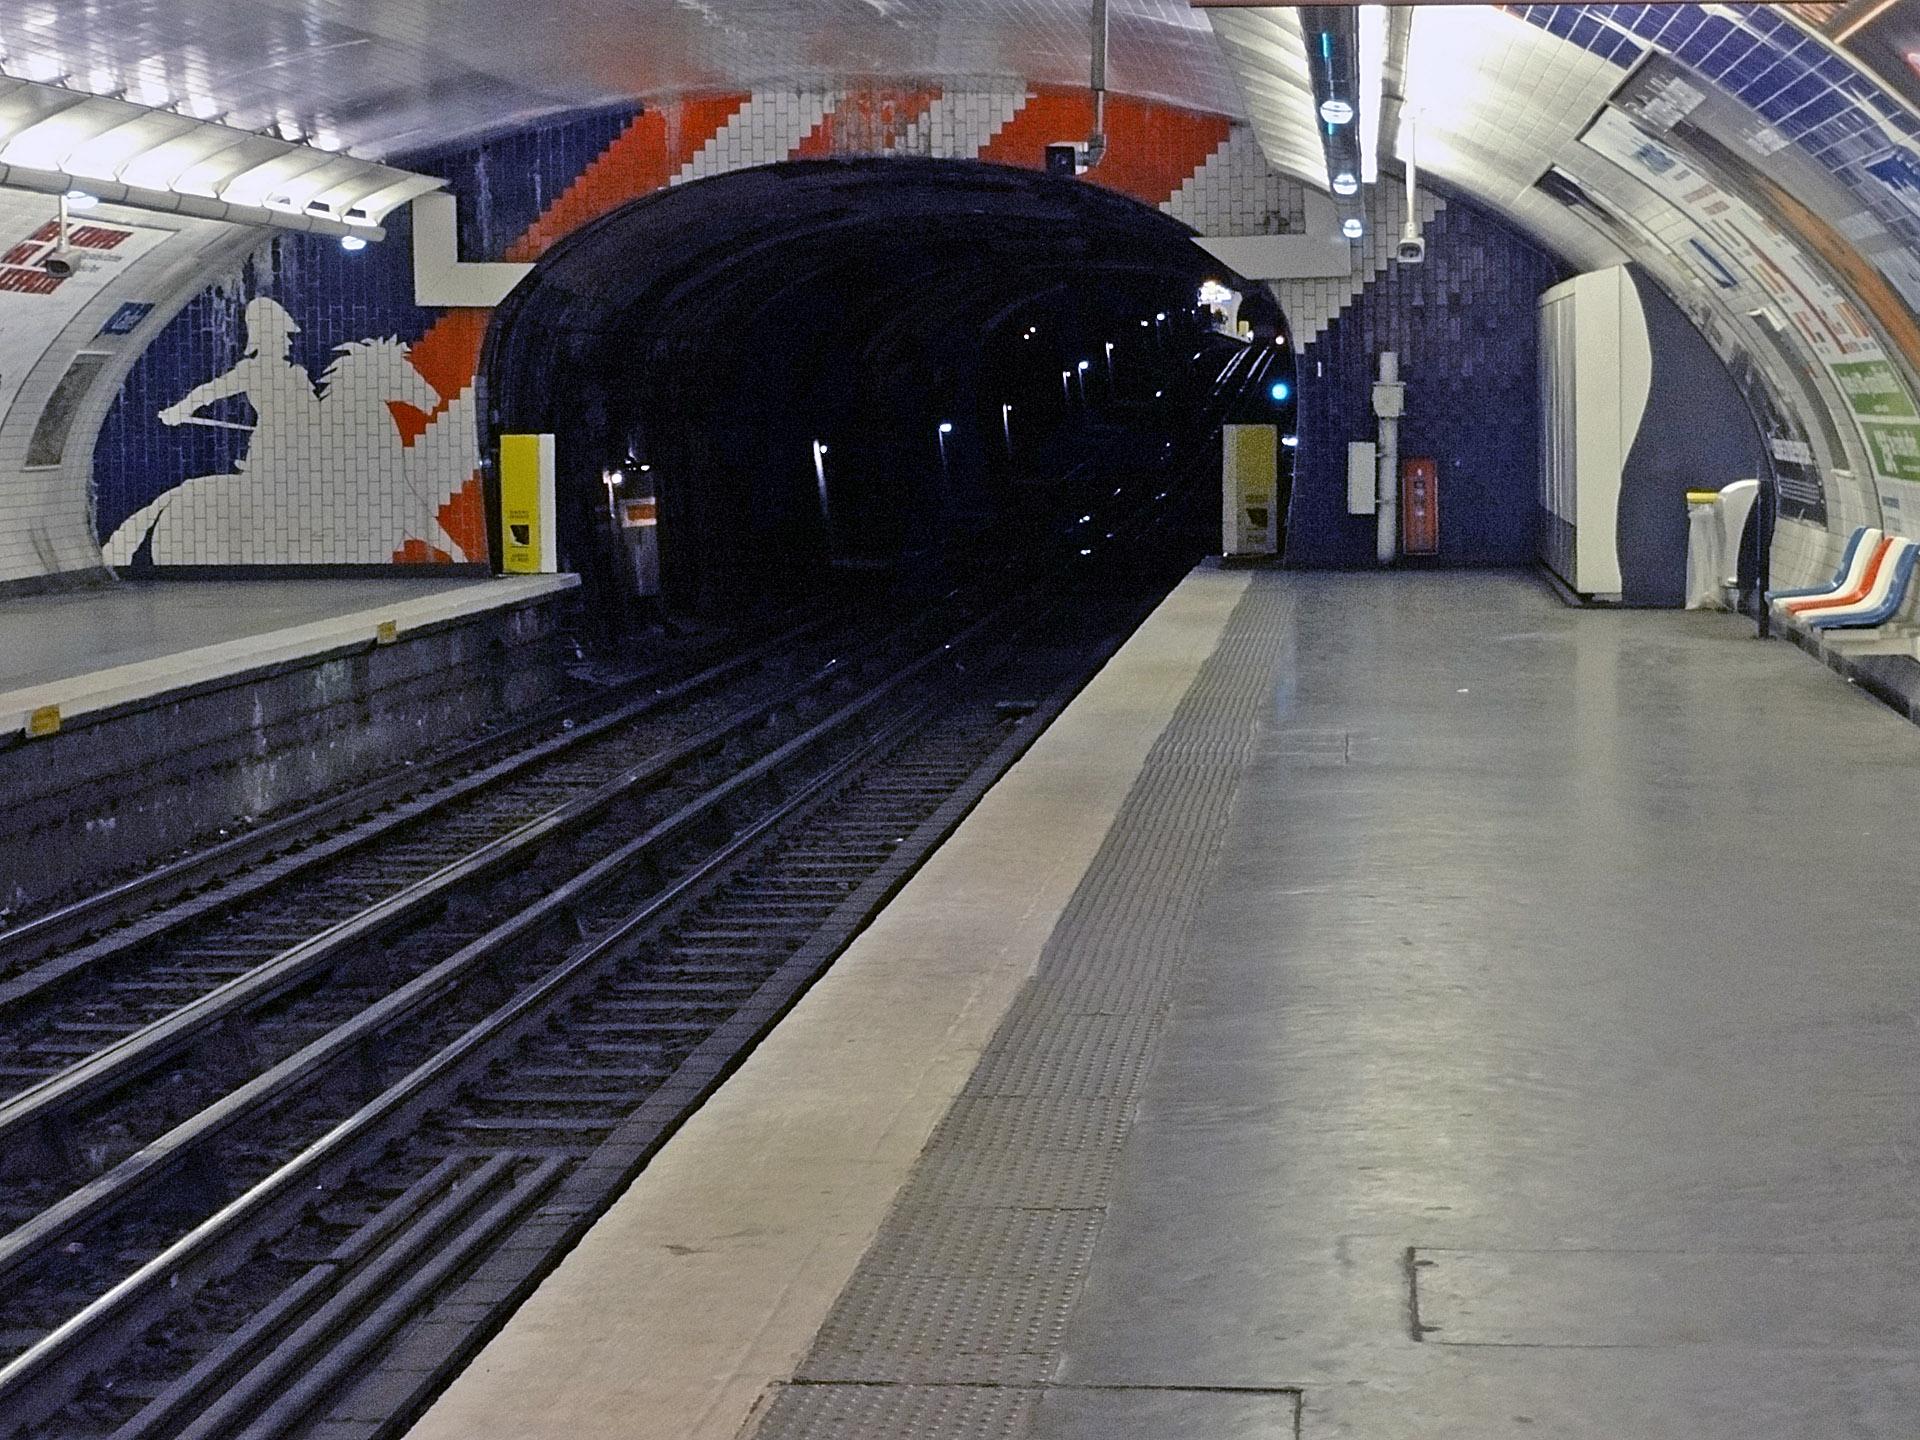 Métro de Paris - Ligne 7 - Cadet 02.jpg